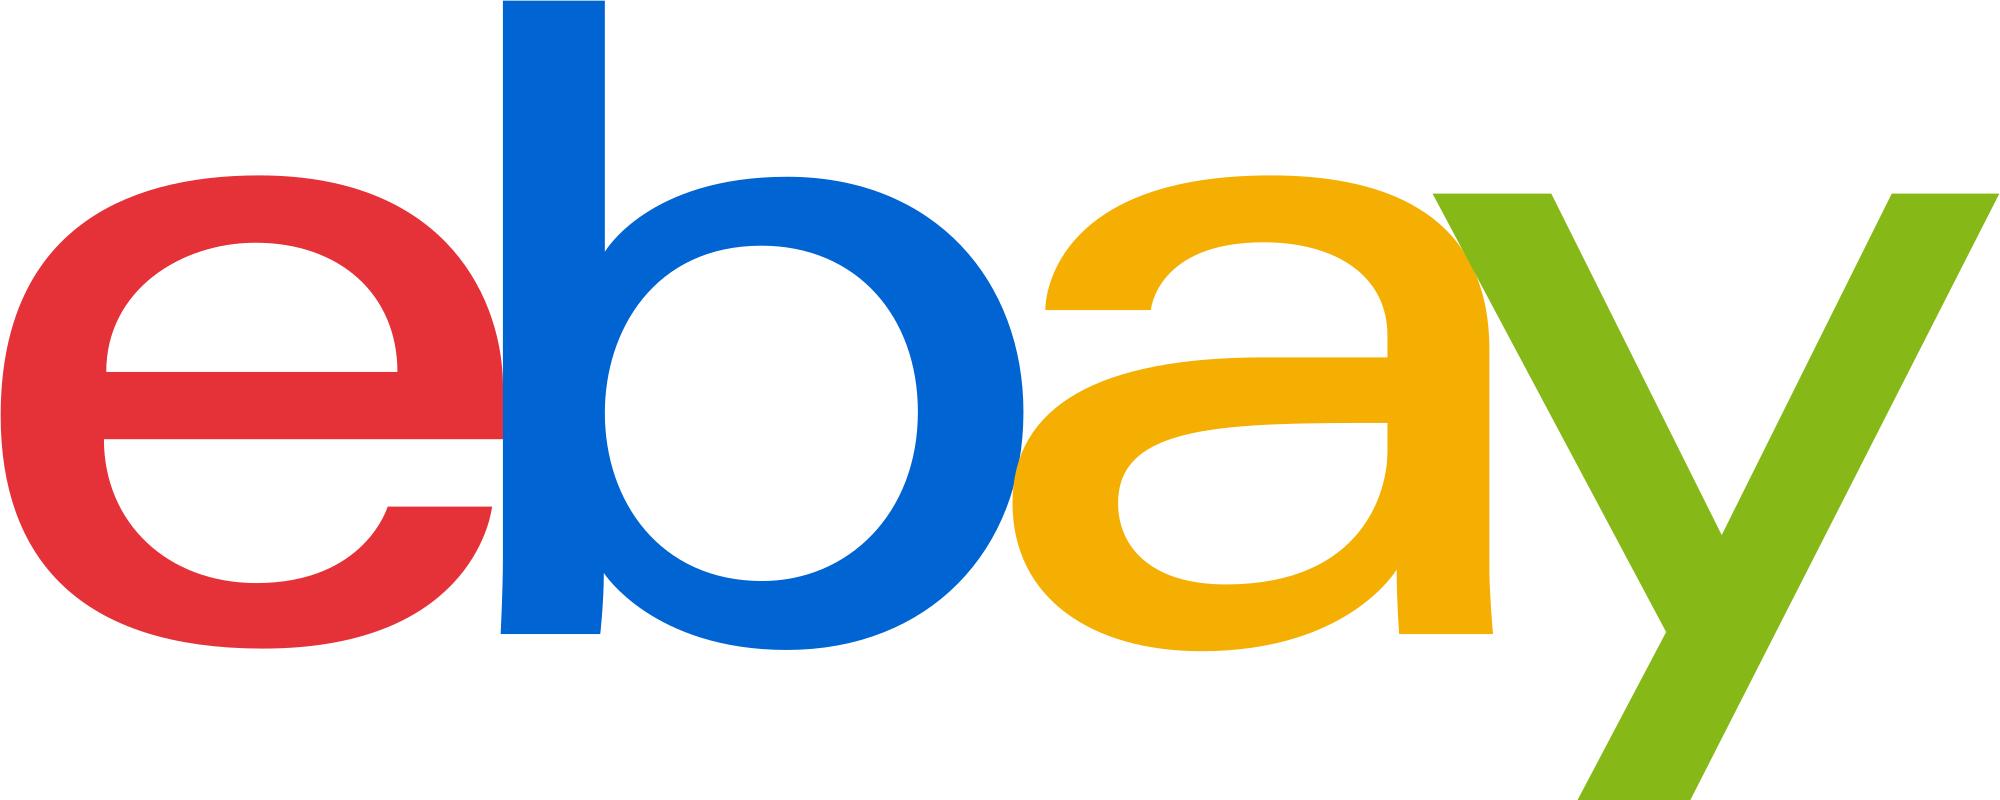 -10% für einkäufe über die ebay-app, max. Rabatt 30€